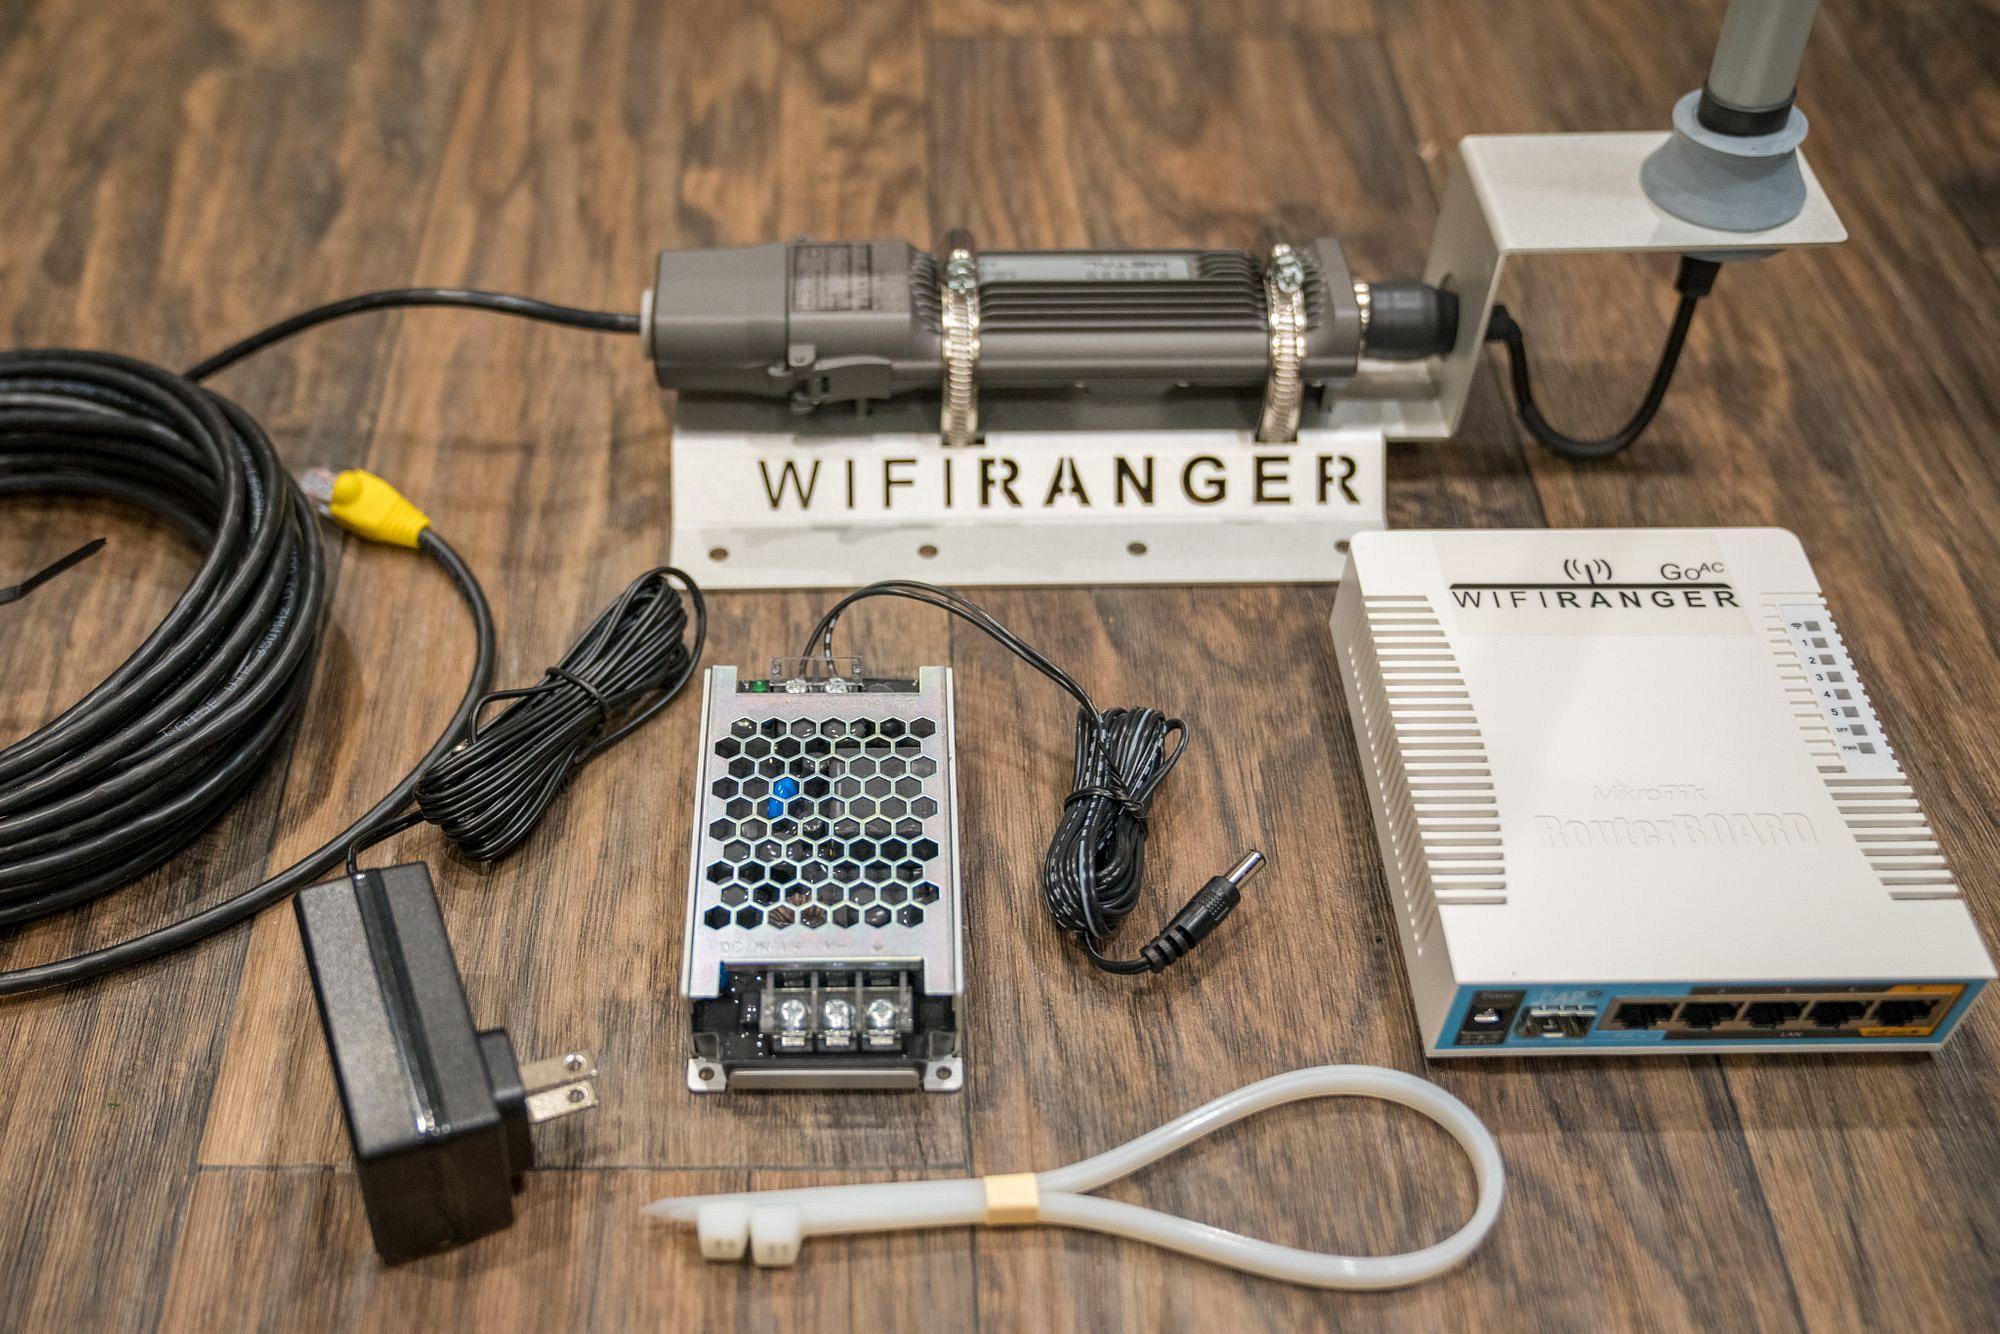 WiFiRanger EliteAC FM Kit